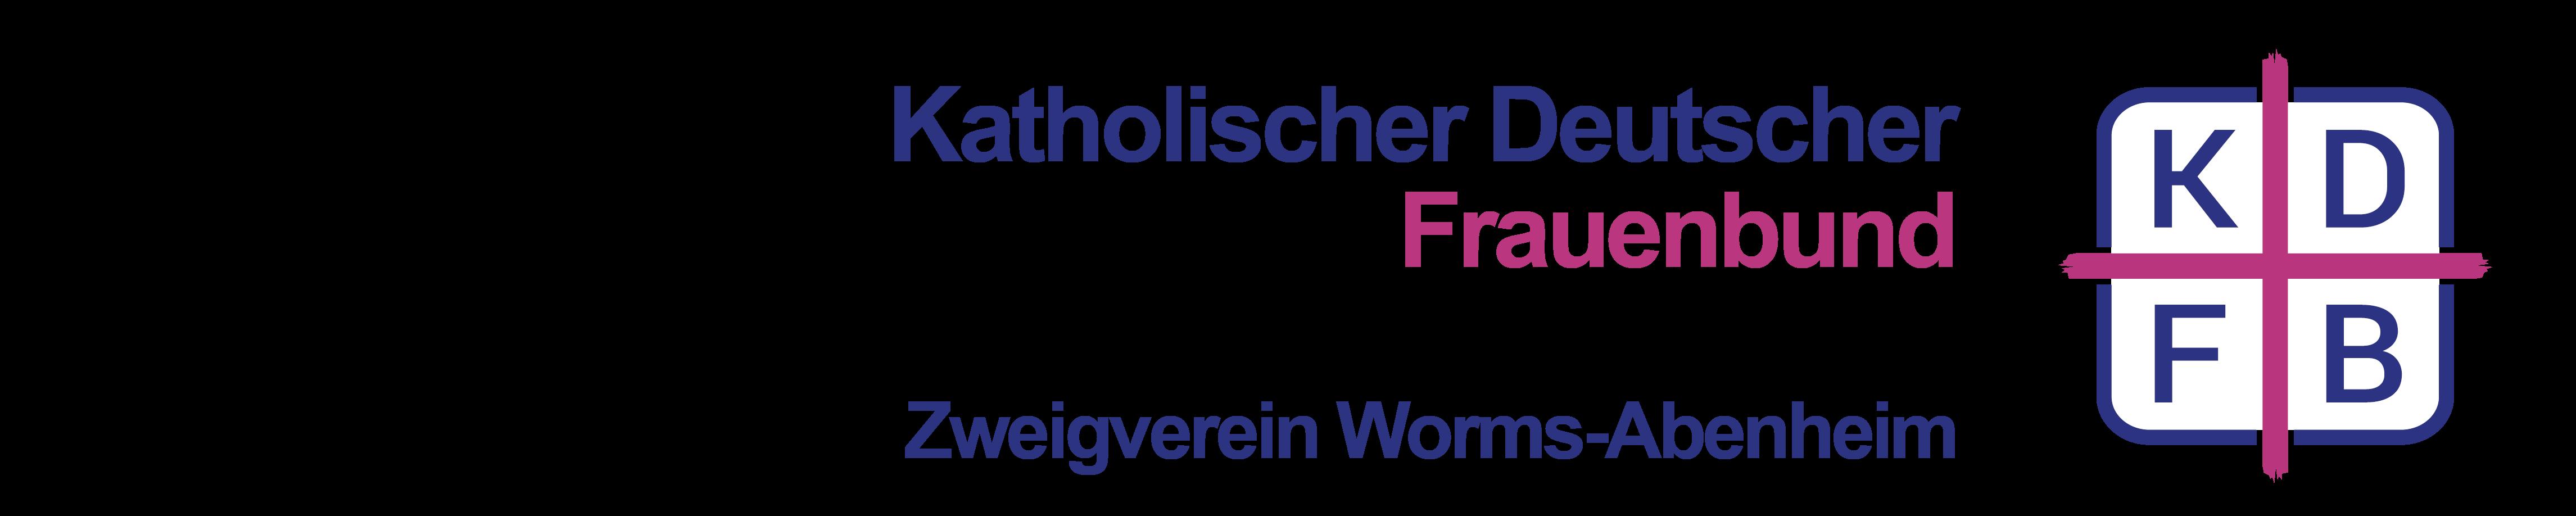 KDFB ZV Worms-Abenheim